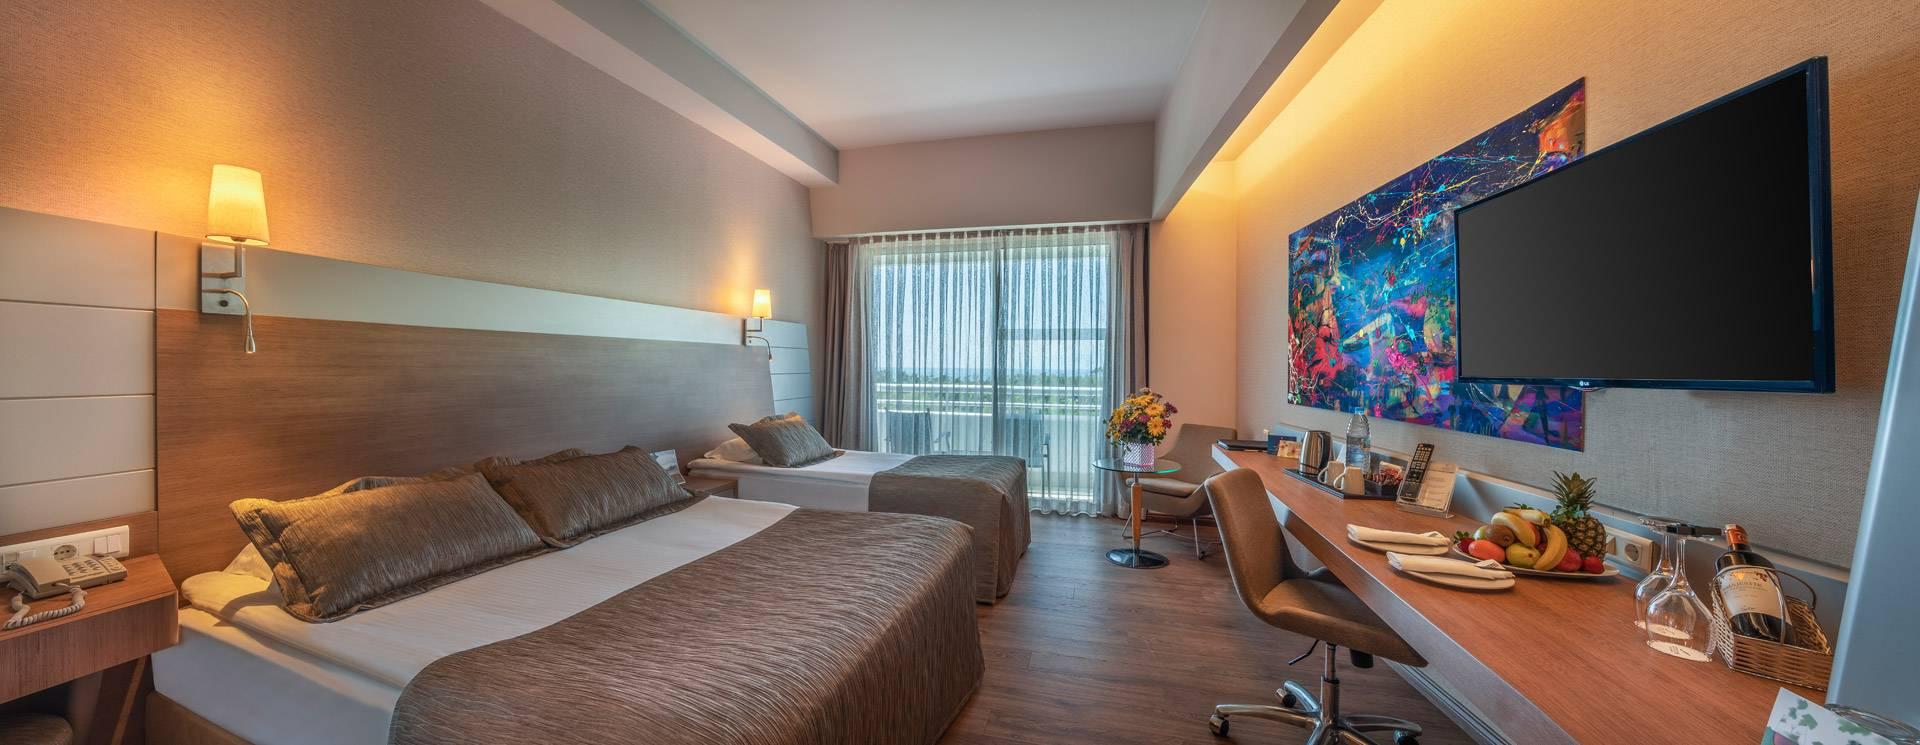 Concorde De Luxe Resort - Best Hotels In Antalya